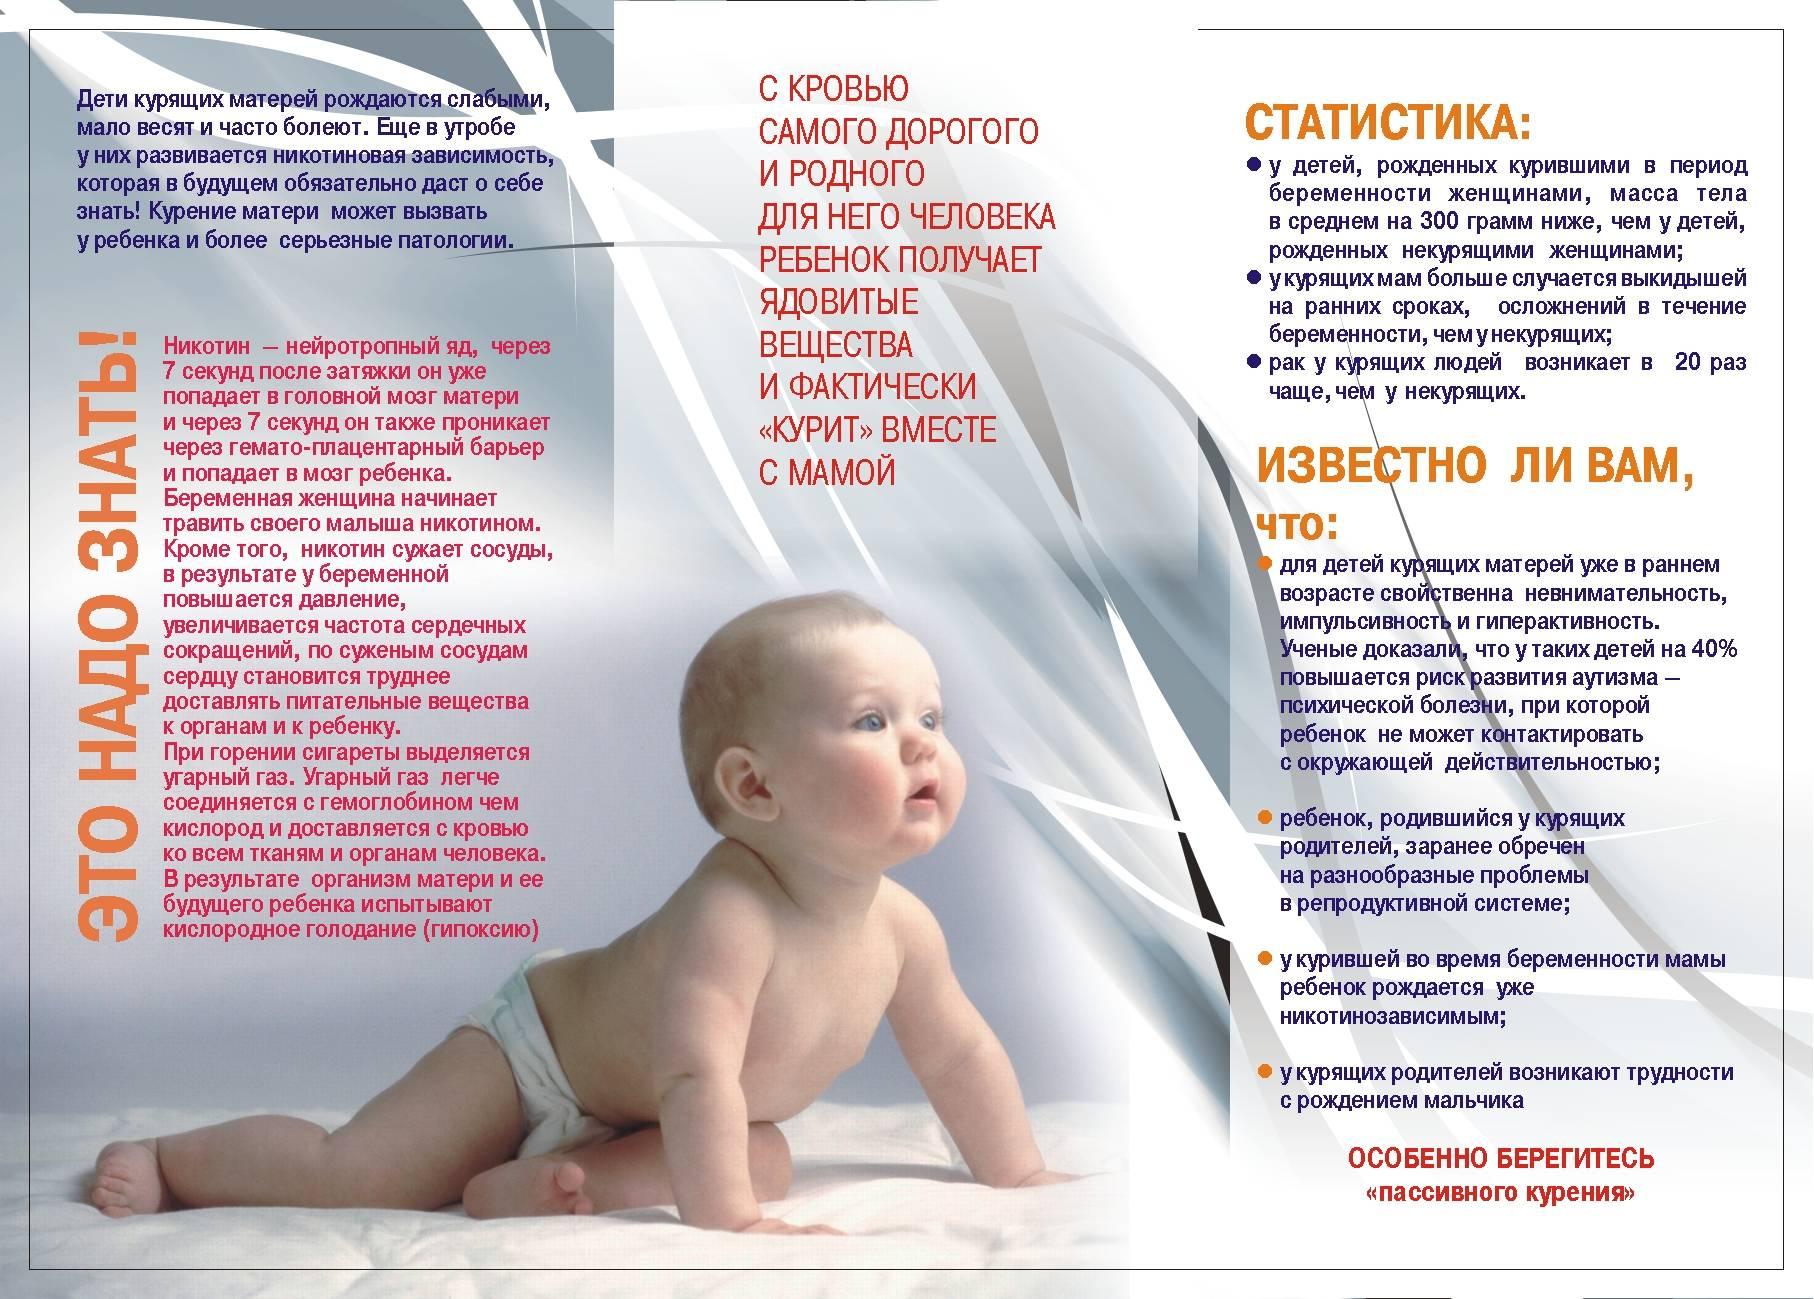 Курение при грудном вскармливании, последствия для ребенка